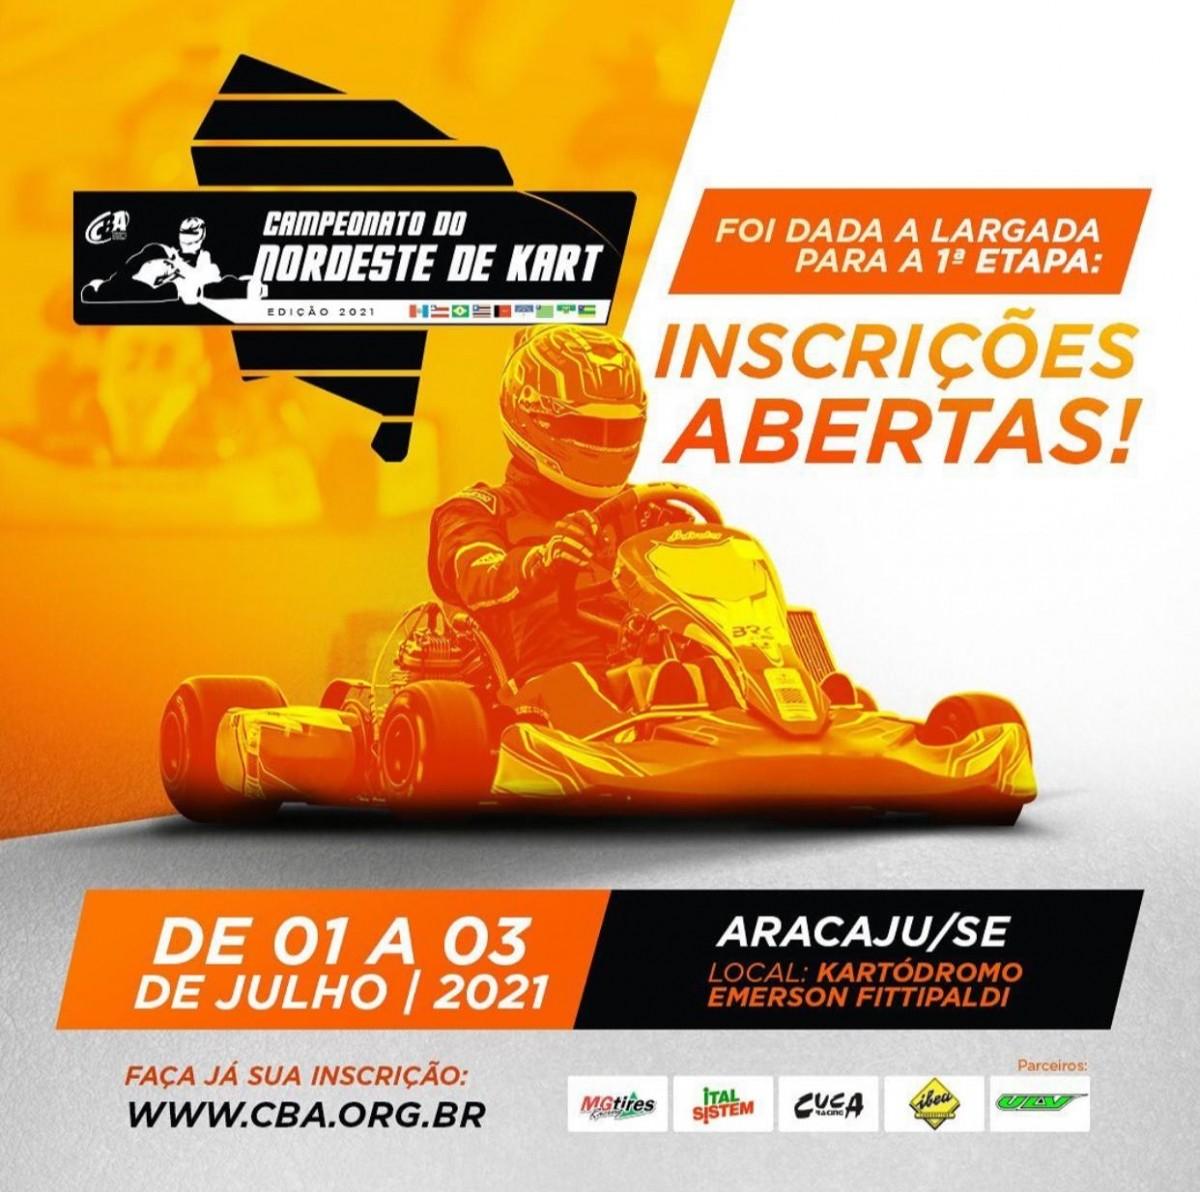 Campeonato do Nordeste de Kart em Sergipe atrai pilotos de todo o país (Imagem: Divulgação)